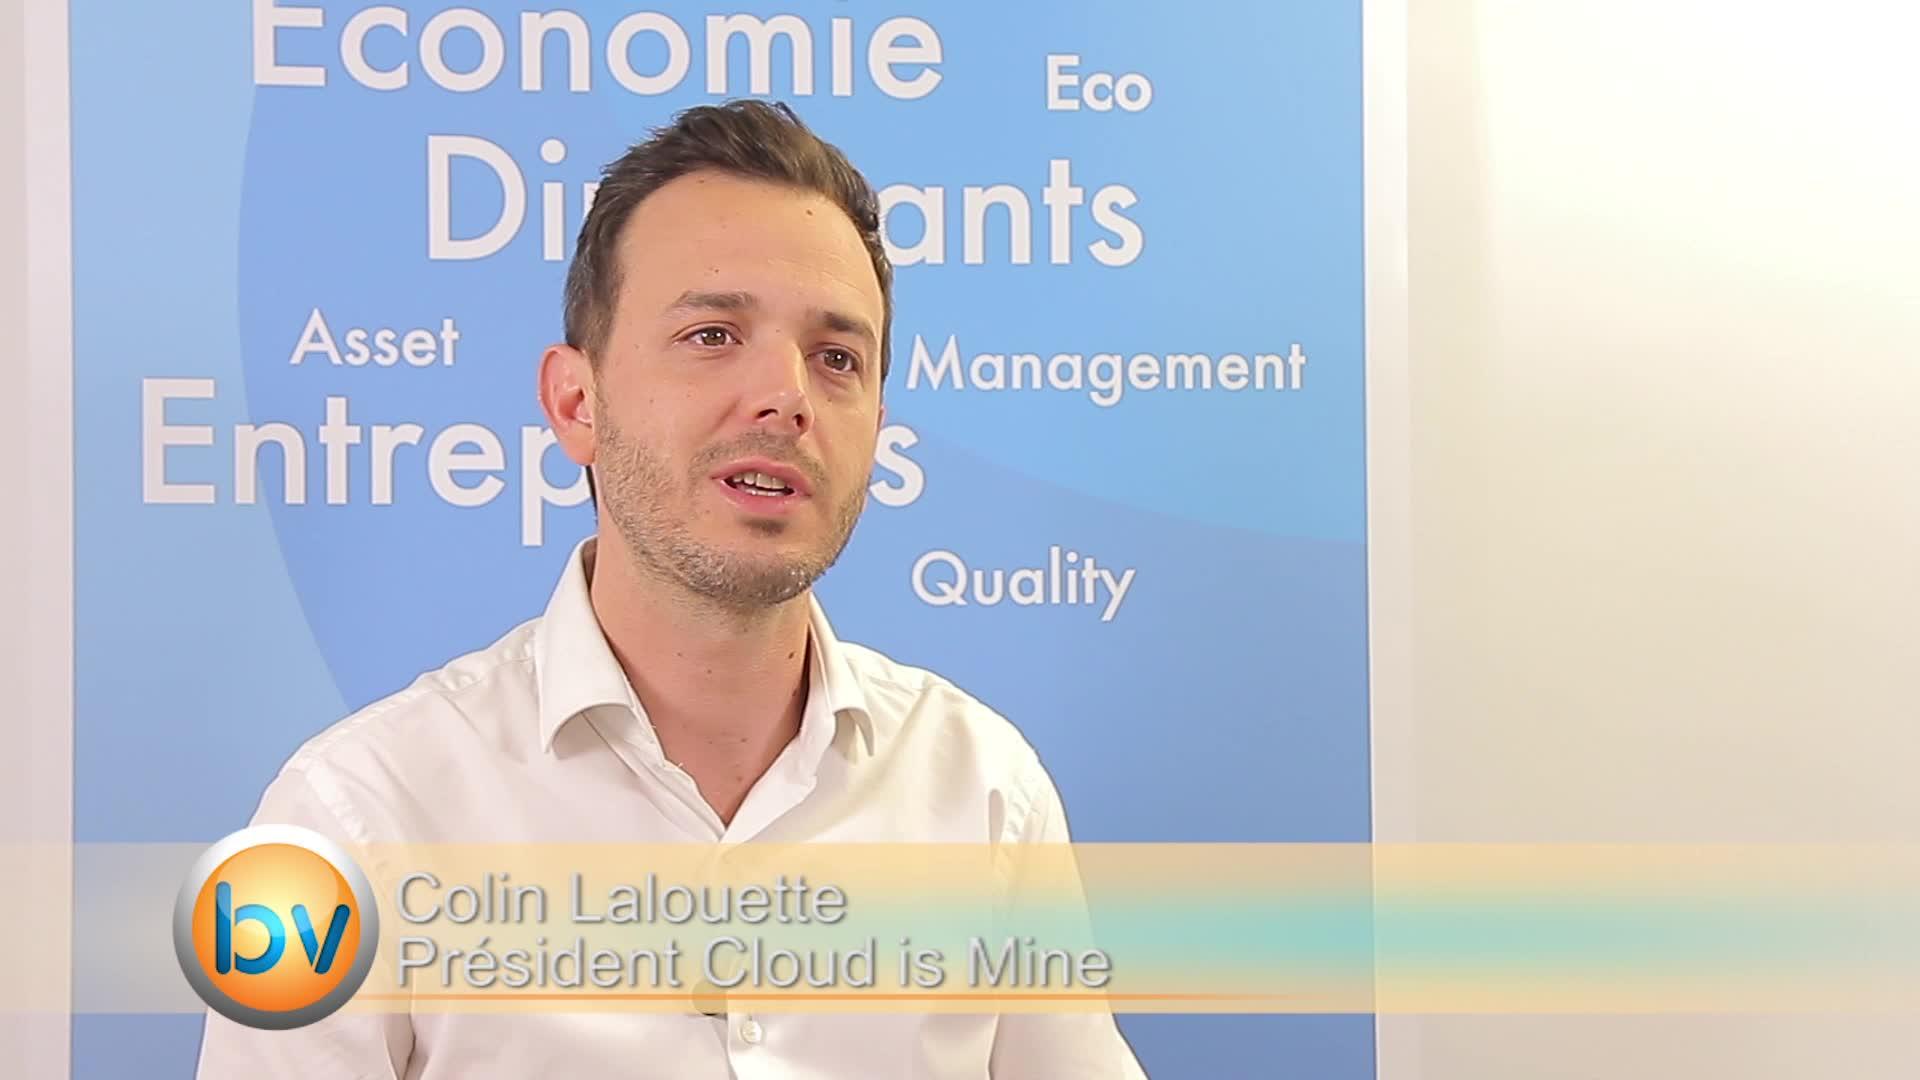 Colin Lalouette Président de Cloud is Mine : «Pourquoi casser une économie numérique française en plein élan»